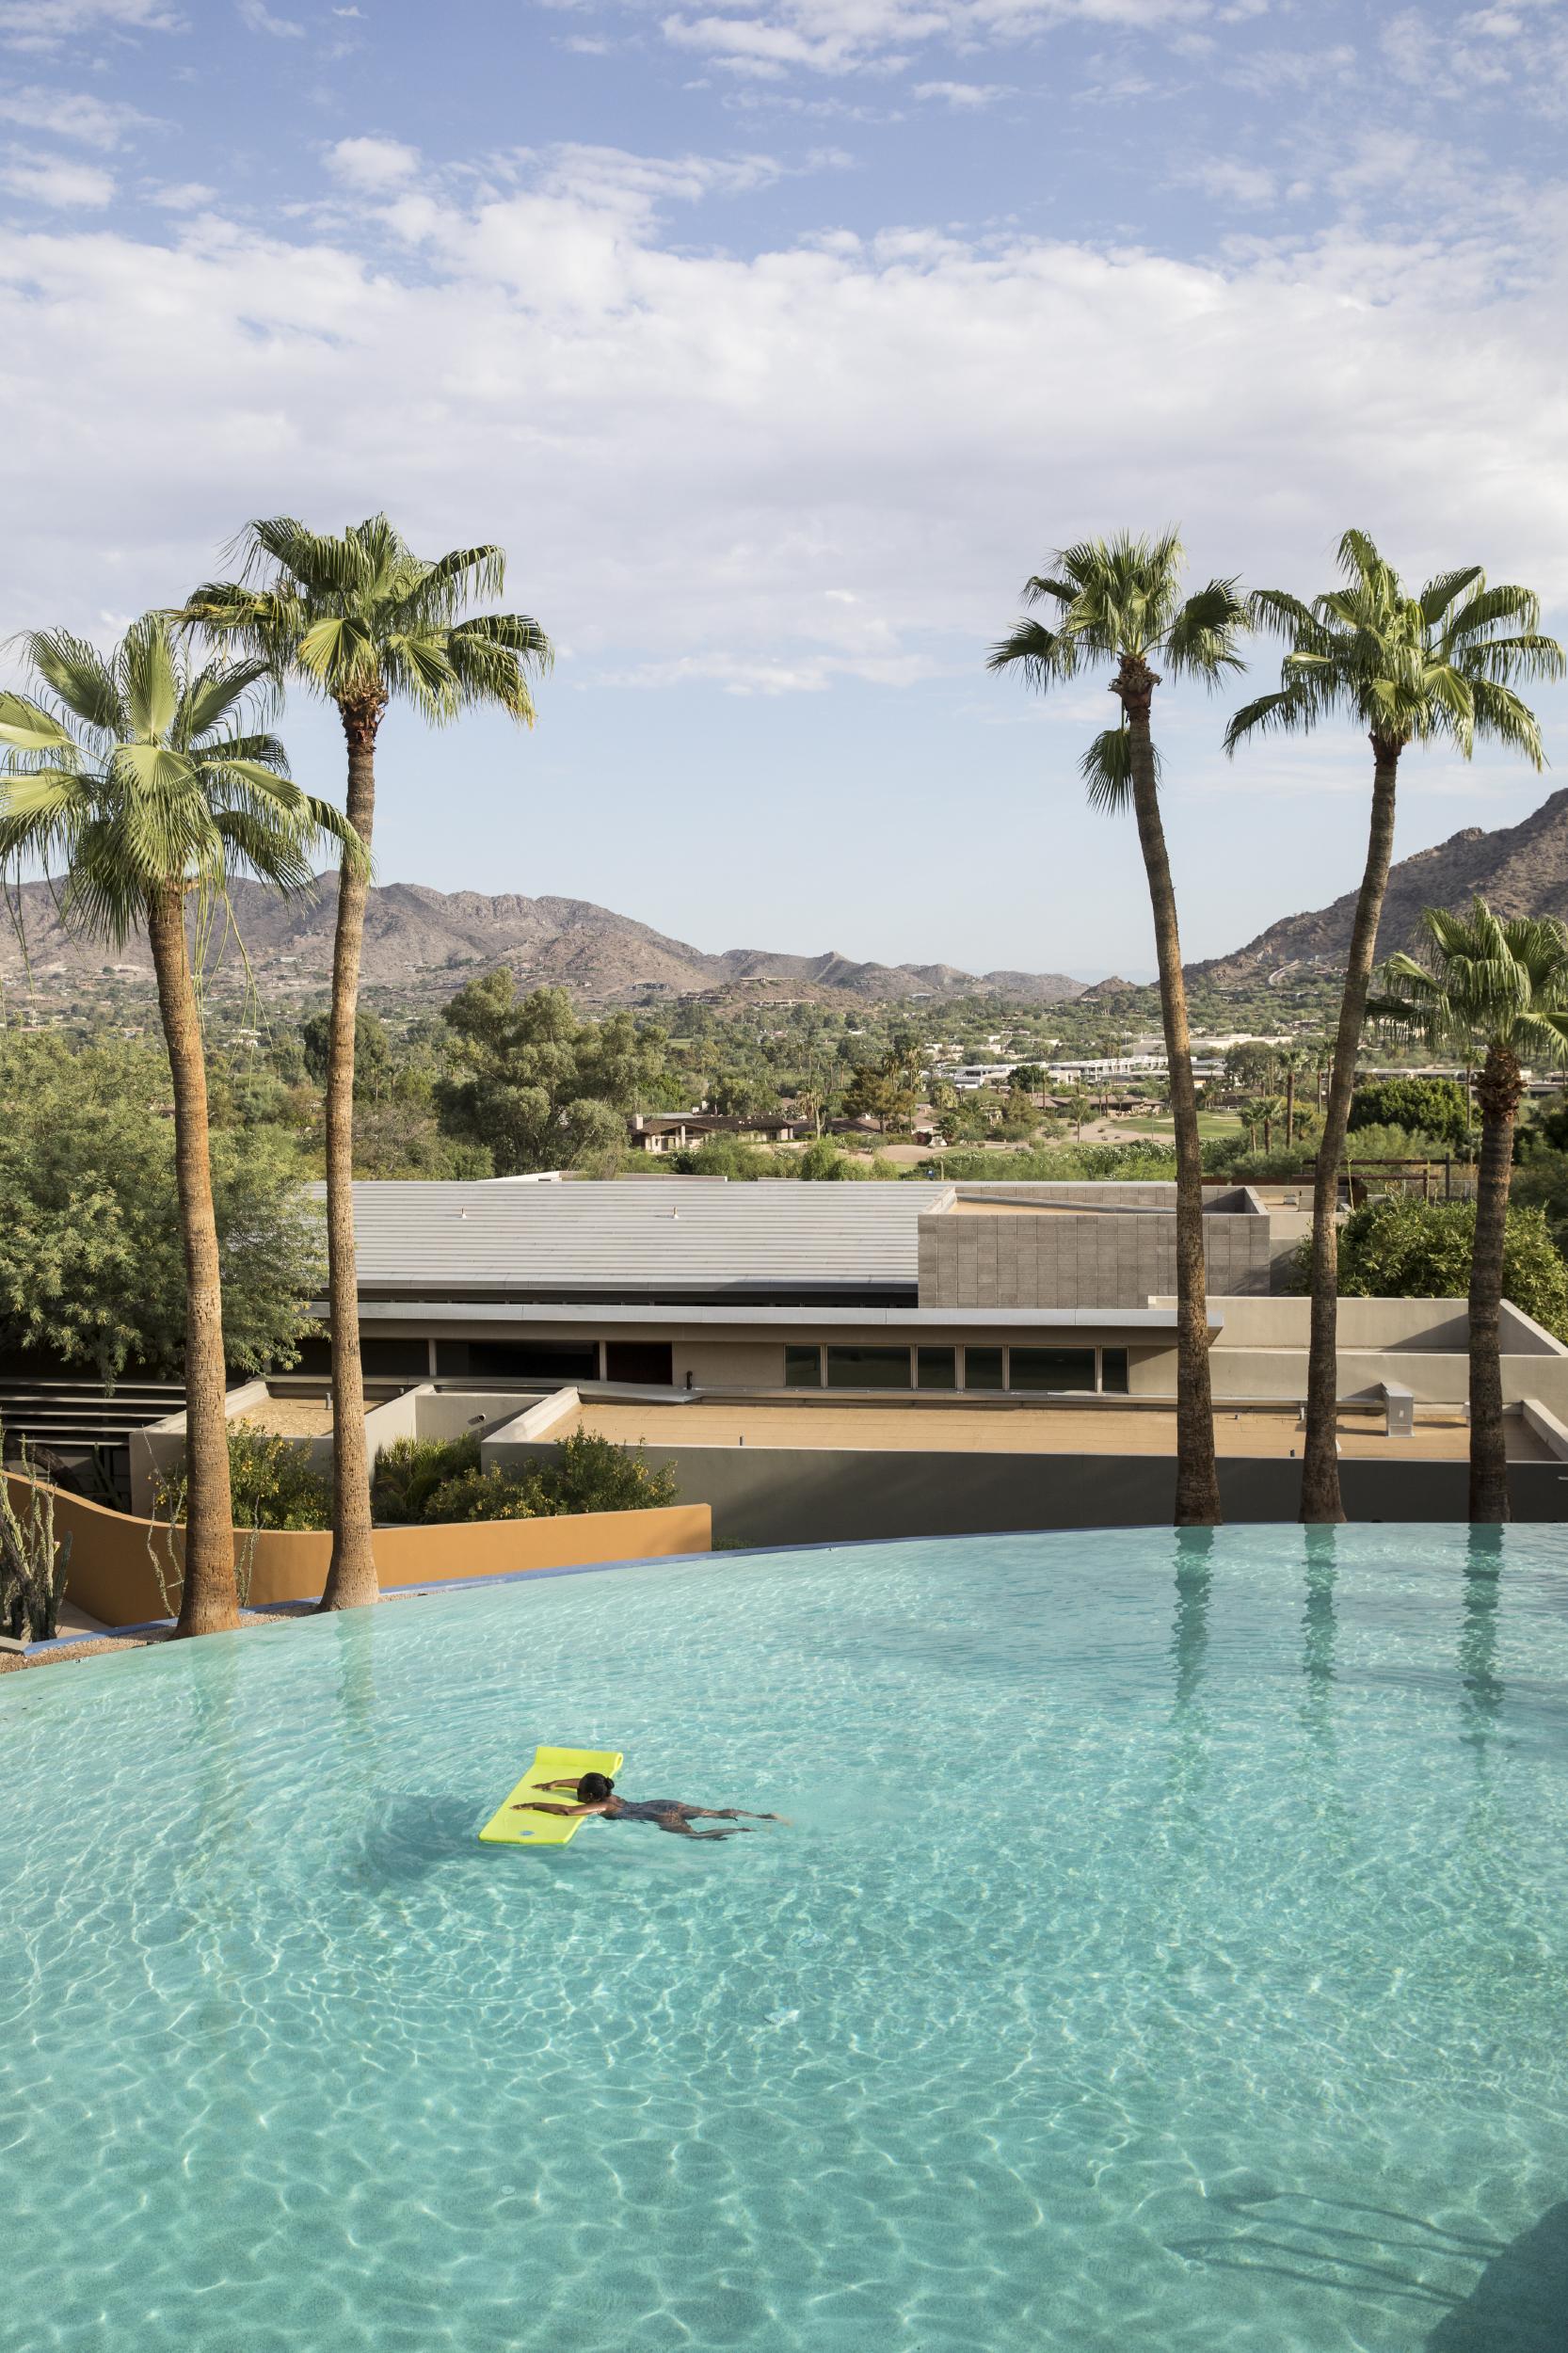 Scottsdale, Arizona for National Geographic Traveler